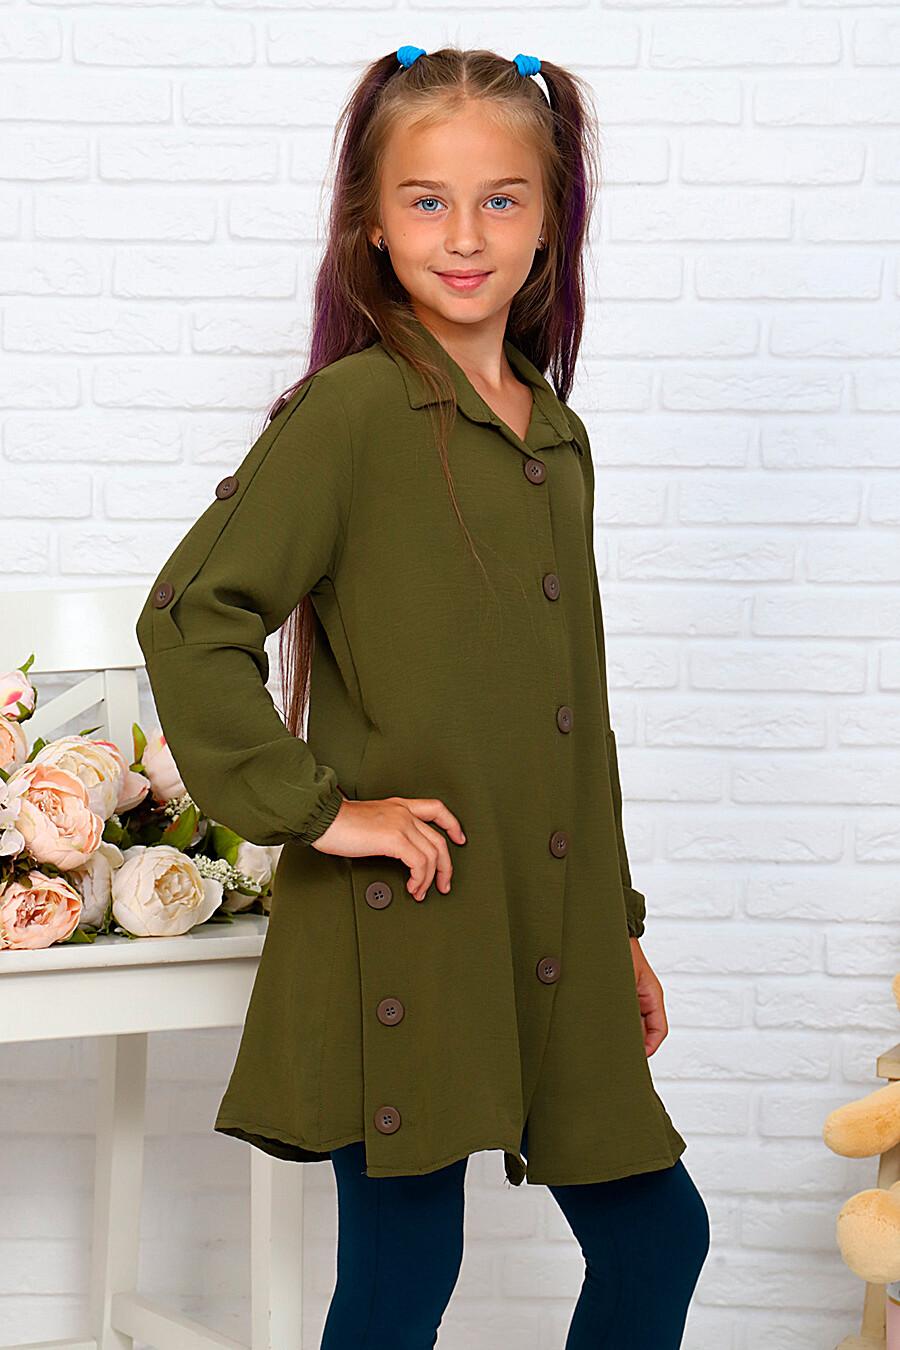 Туника-рубашка для девочек SOFIYA37 667933 купить оптом от производителя. Совместная покупка детской одежды в OptMoyo